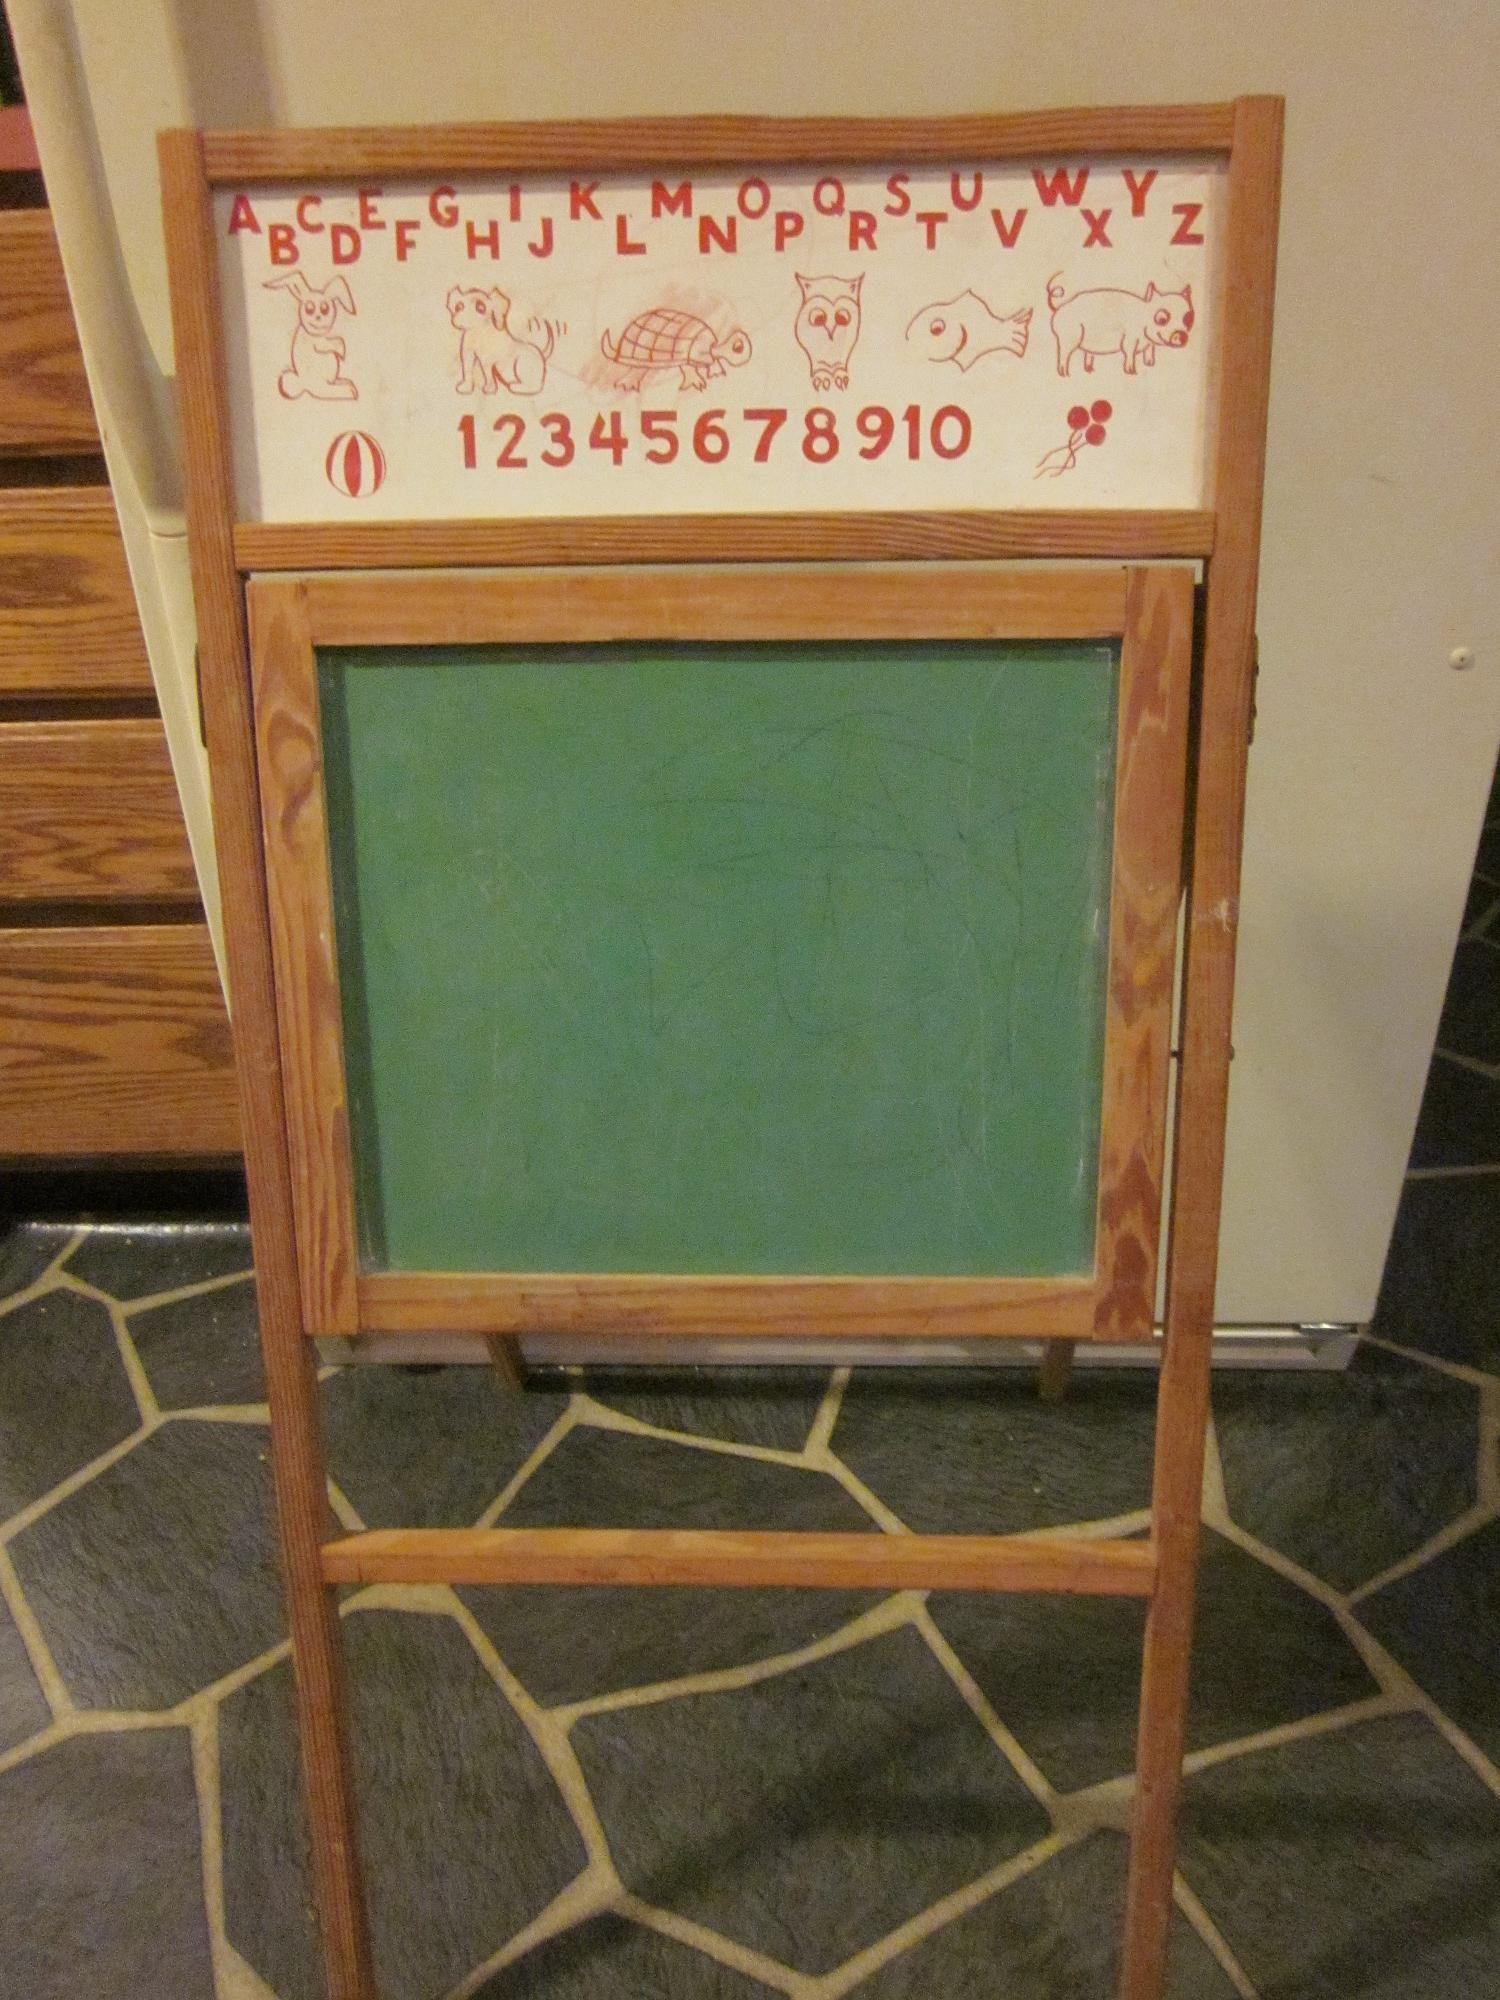 Vintage Chalk Board Easel For Sale On Hartford Ct Craigslist Vintage School Childhood Memories Old School House